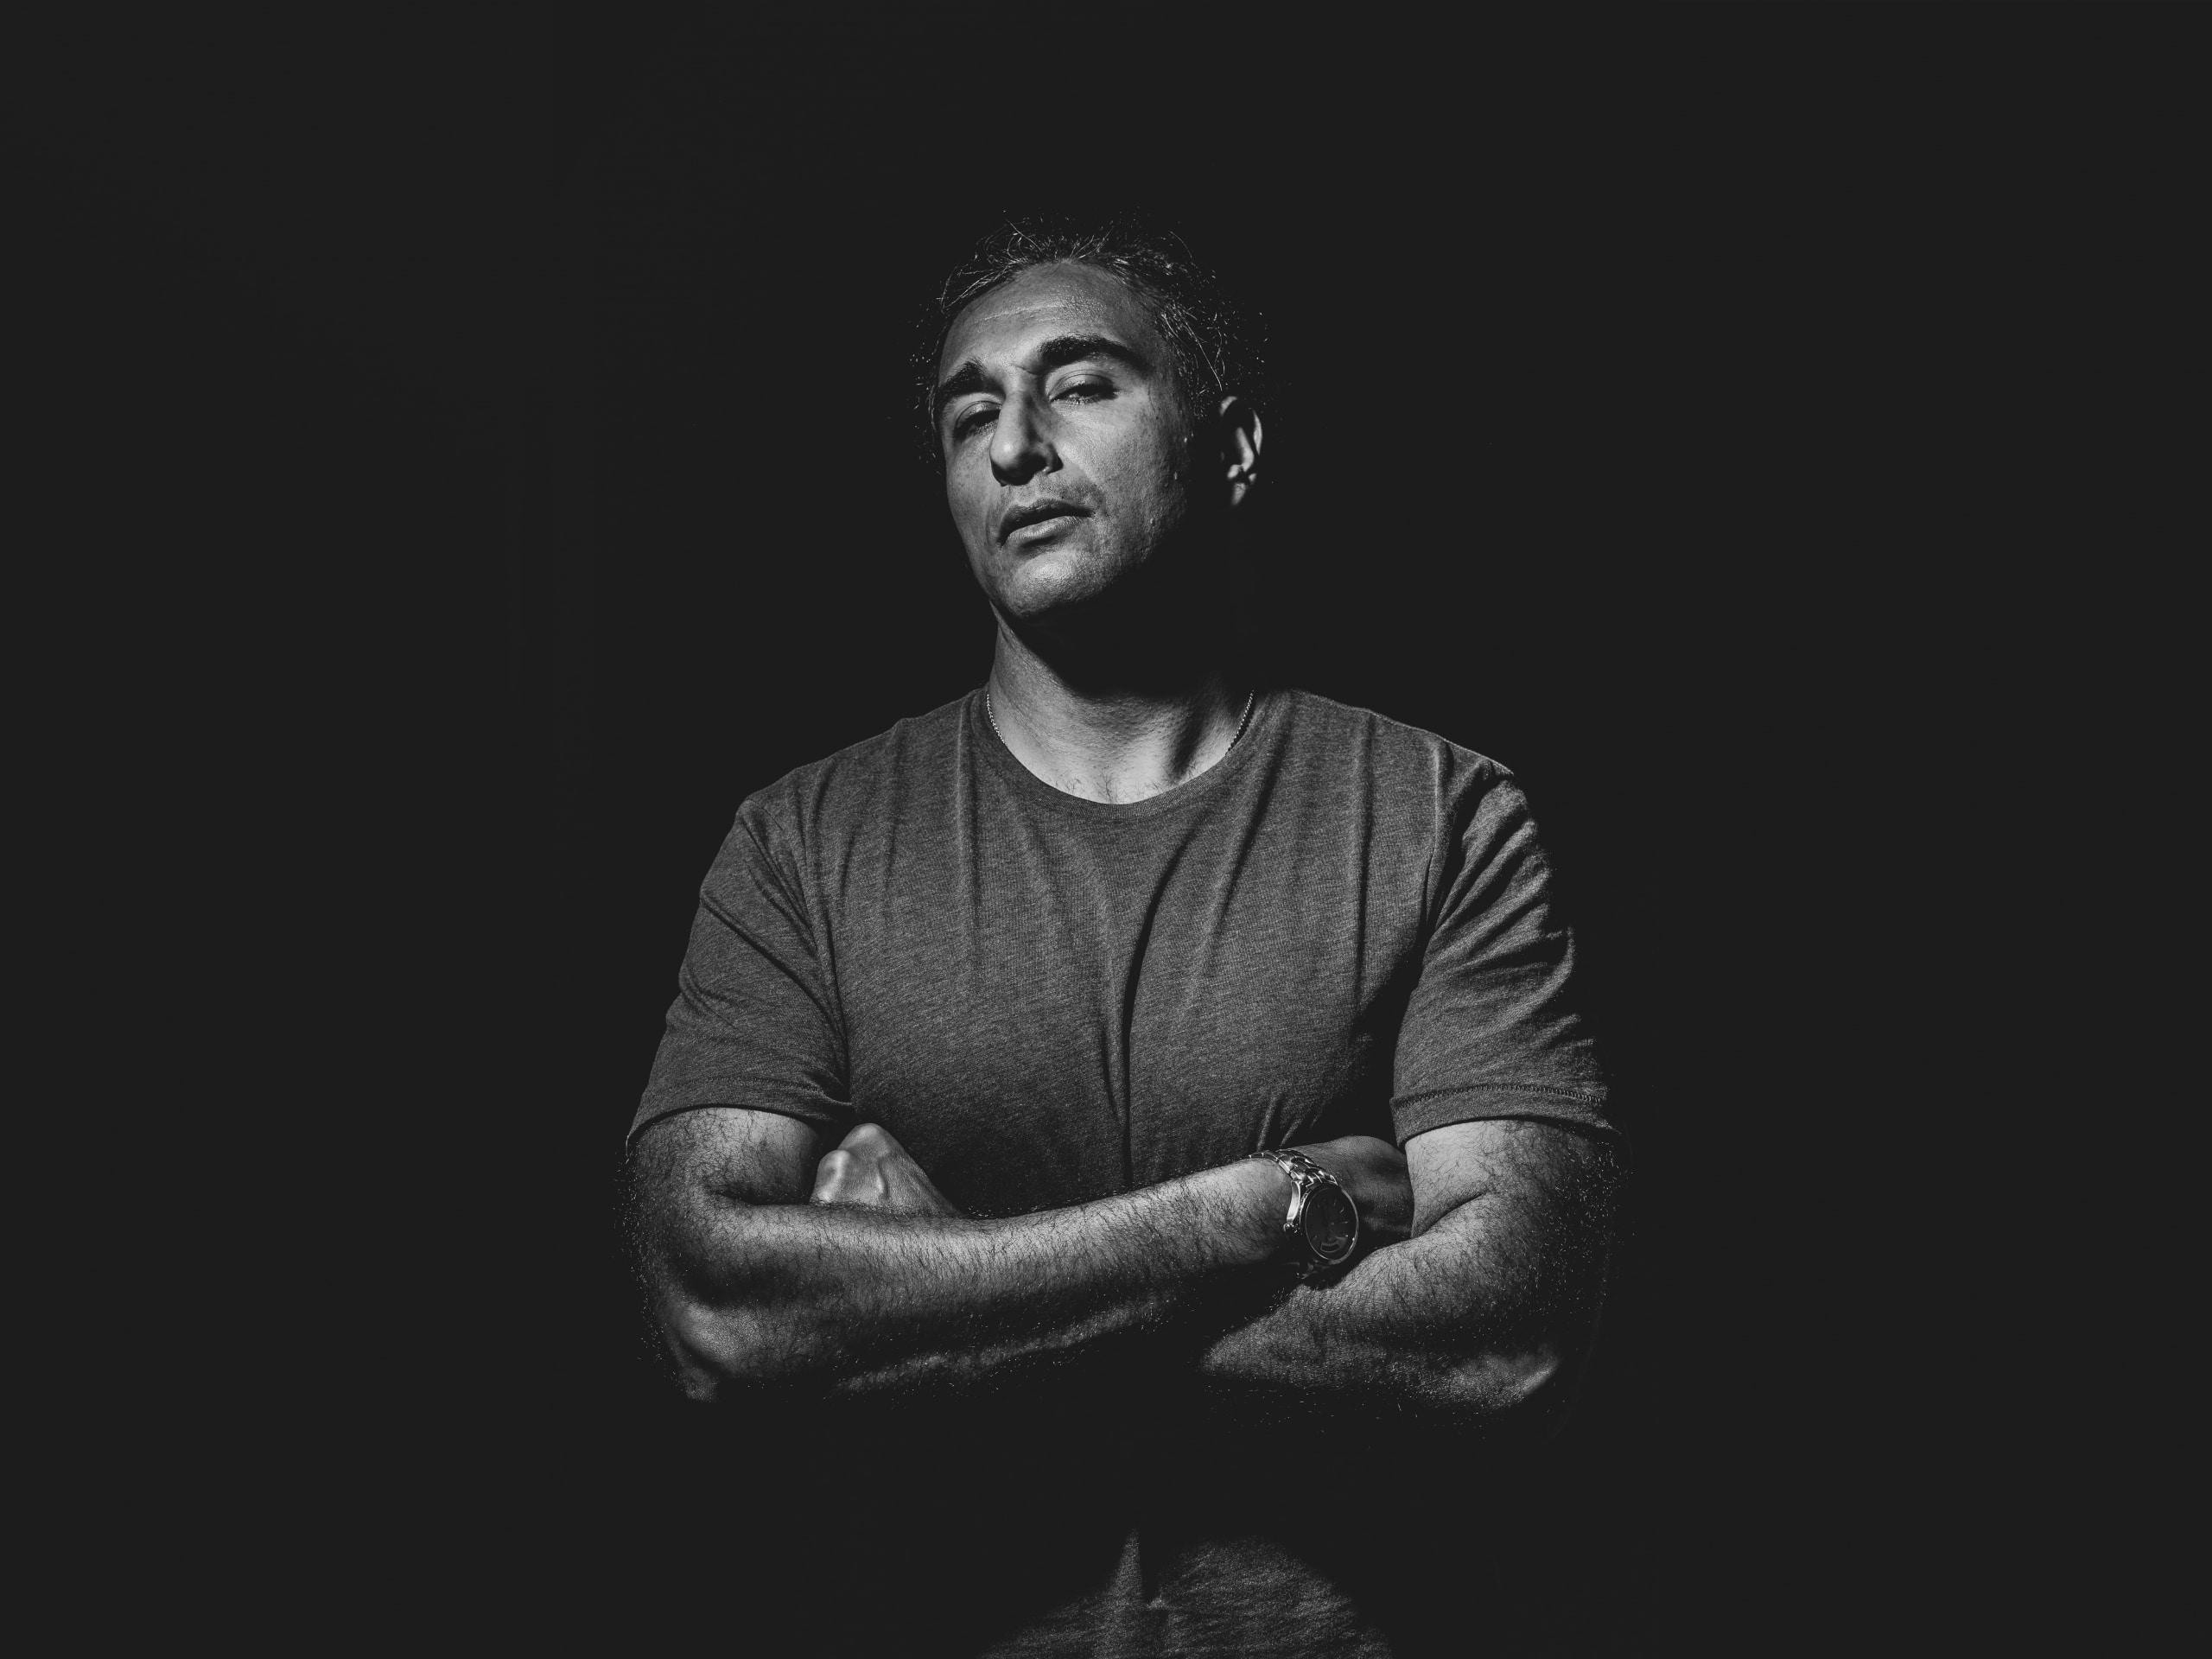 Deepak Sharma - Bedlam